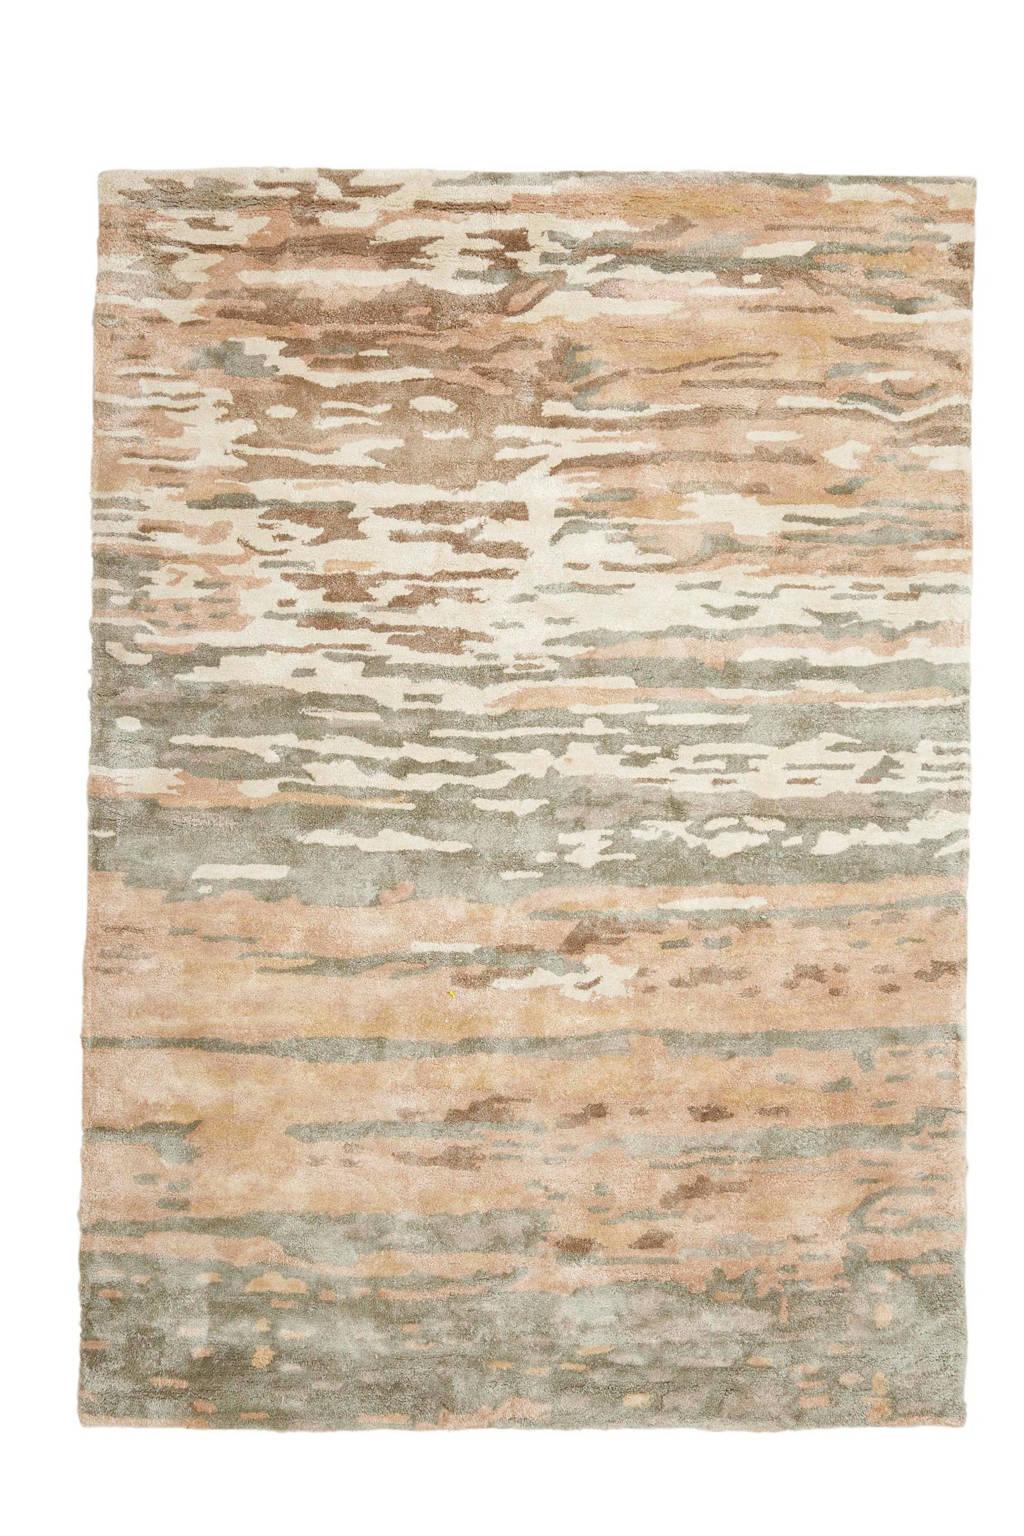 whkmp's own vloerkleed (viscose)  (230x160 cm), Grijs/bruin/wit